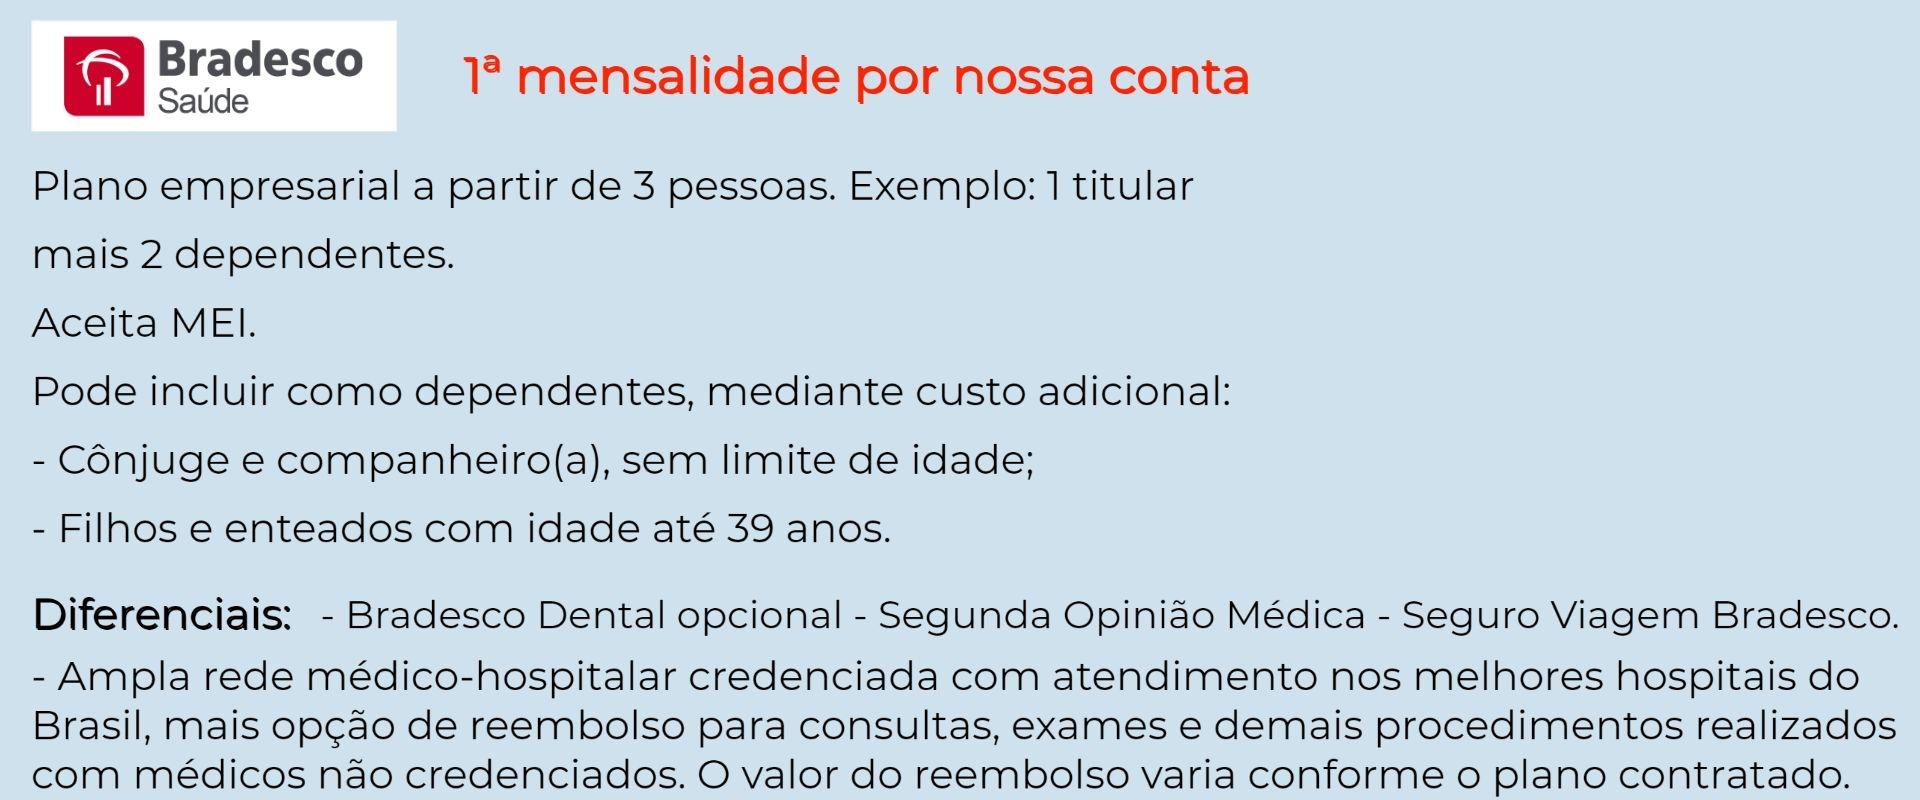 Bradesco Saúde Empresarial - Itaocara